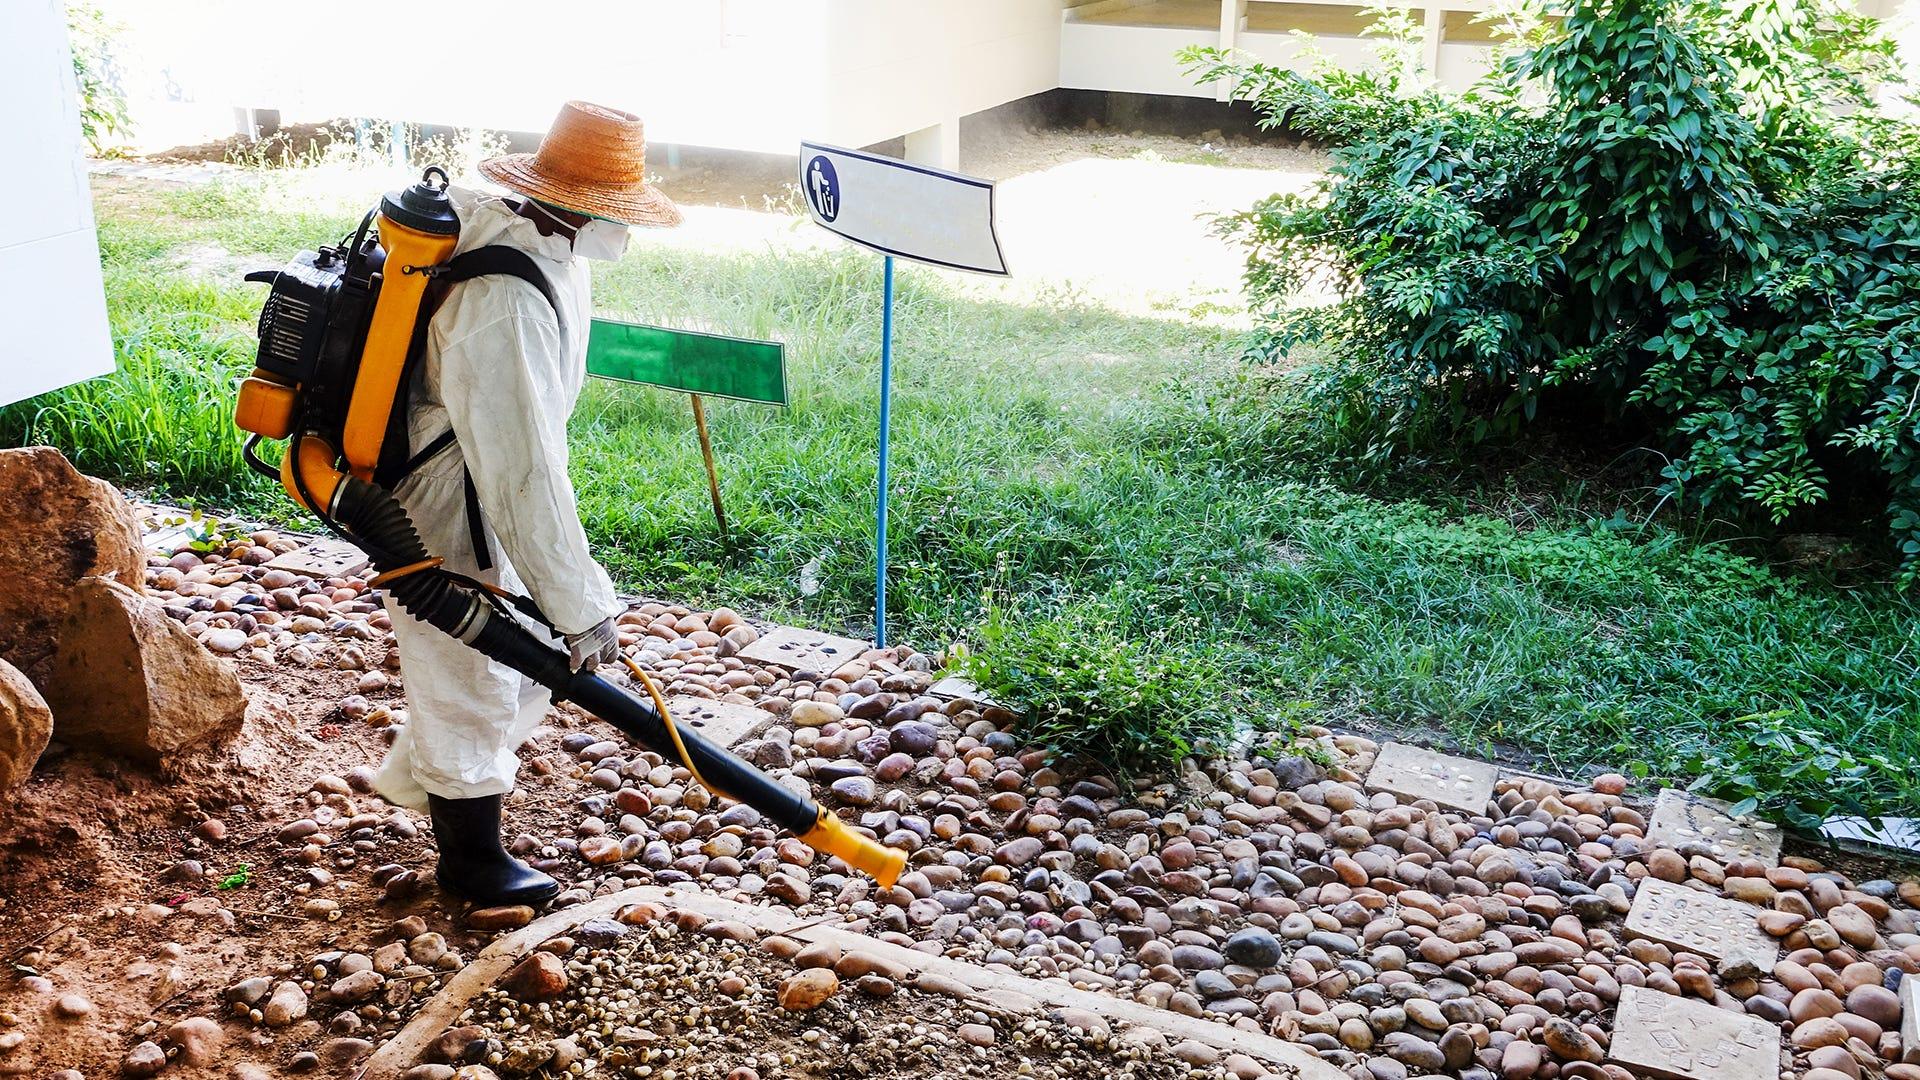 Mosquito Spray Treatment vs. Mosquito Traps